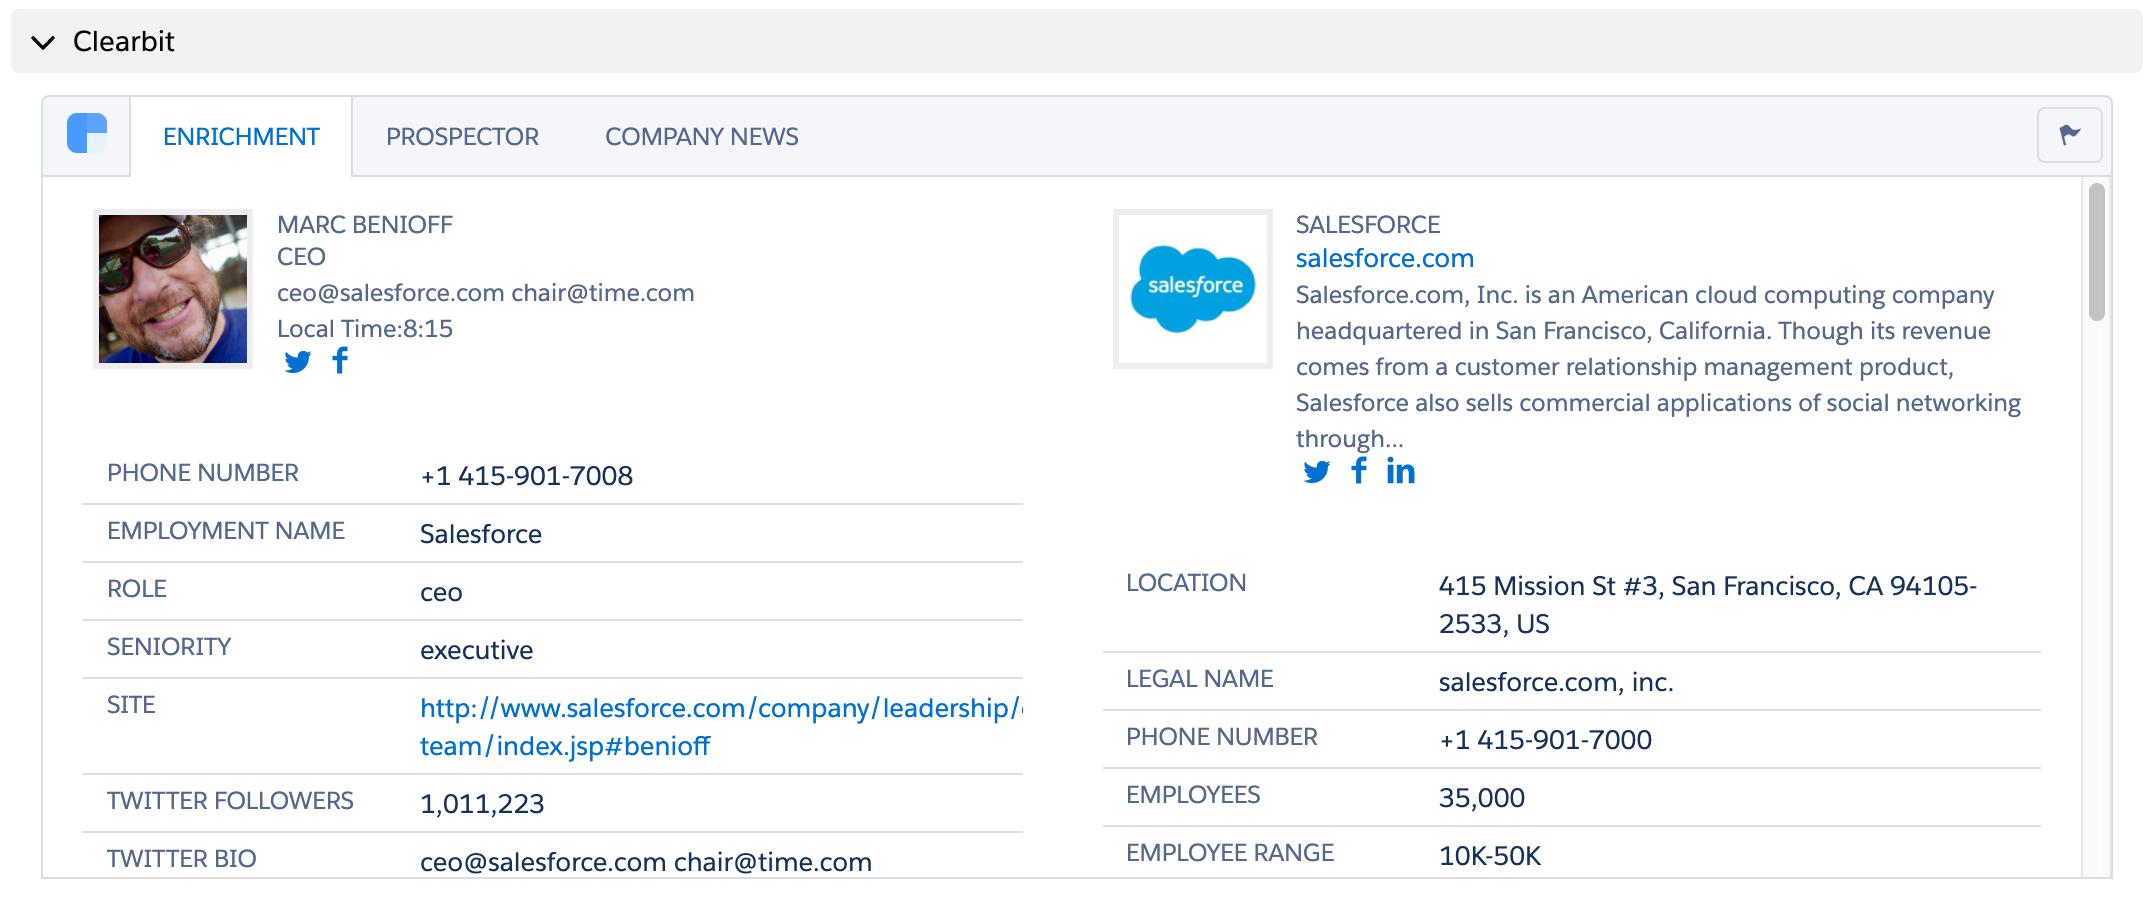 Clearbit Salesforce Enrichment example